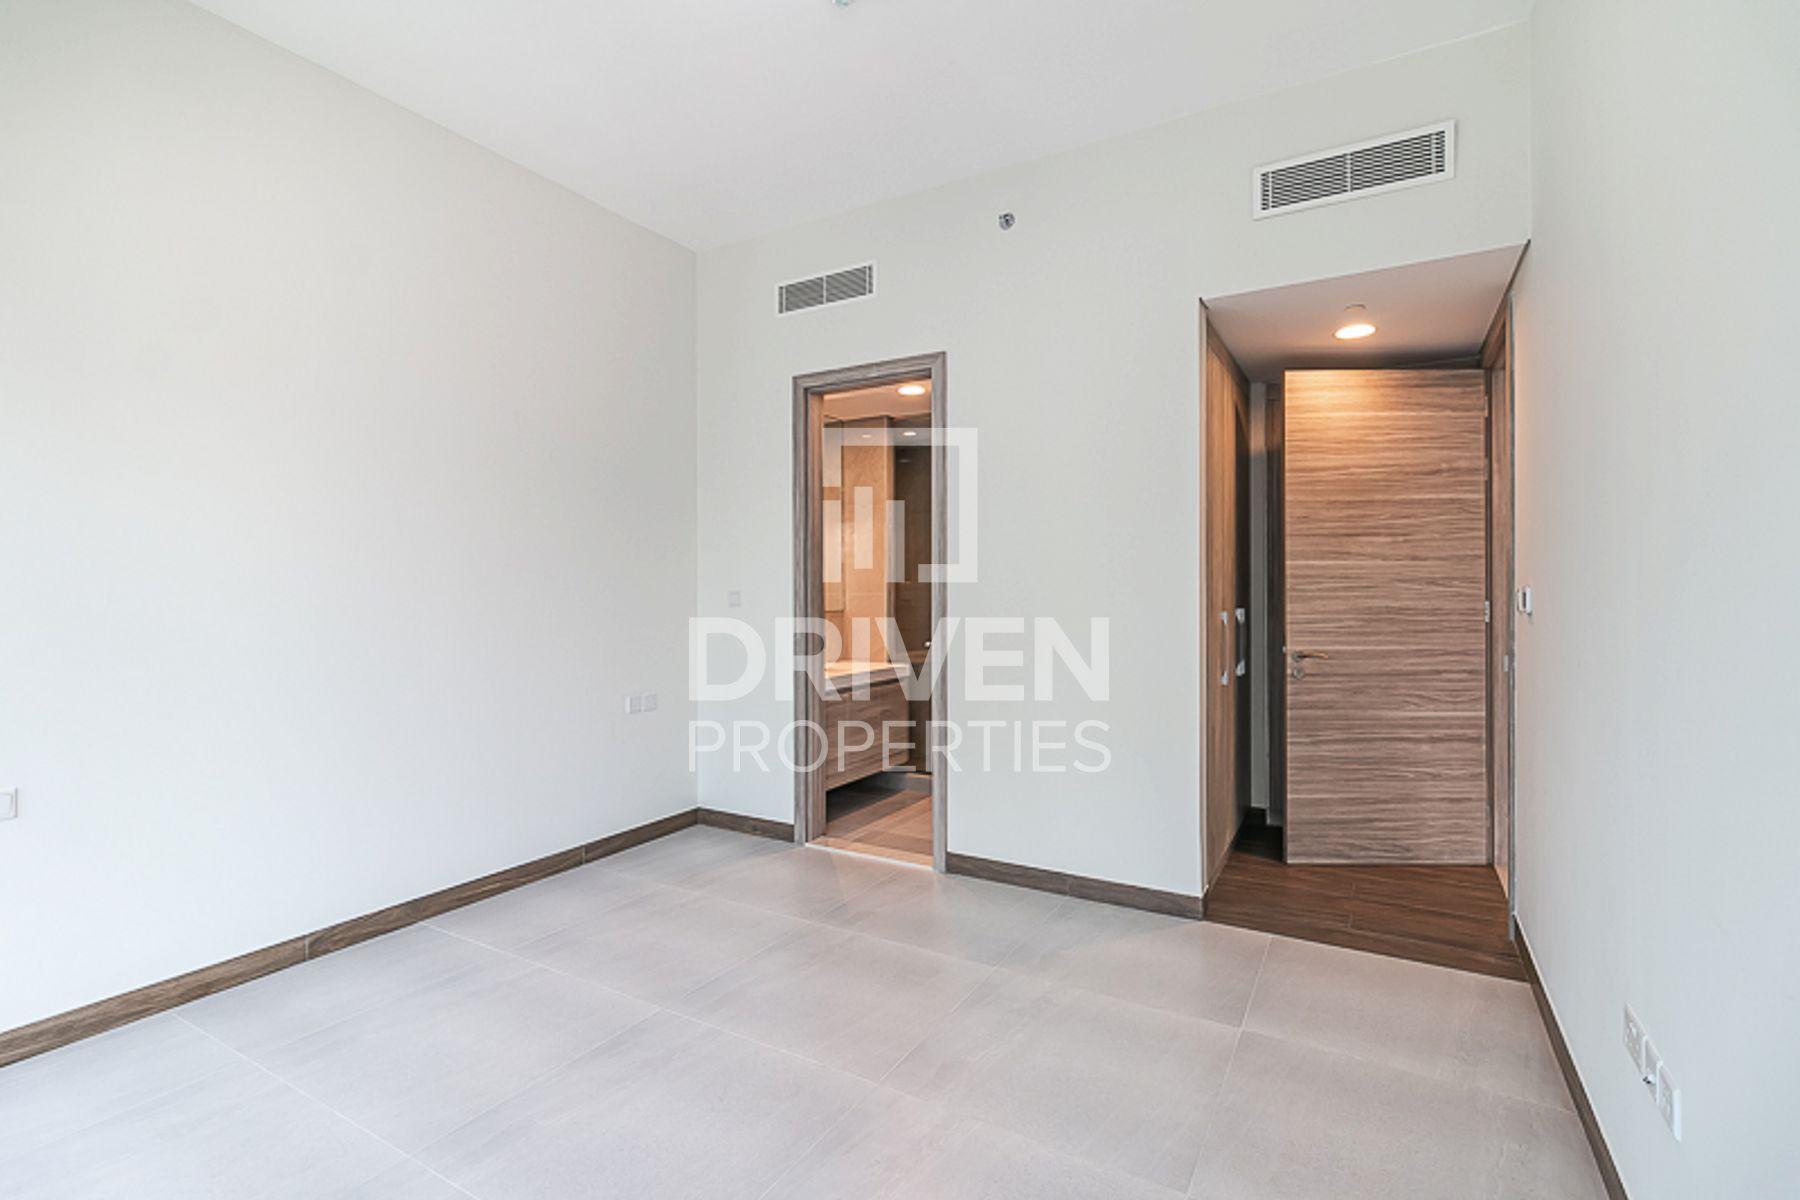 907 قدم مربع  شقة - للايجار - الخليج التجاري